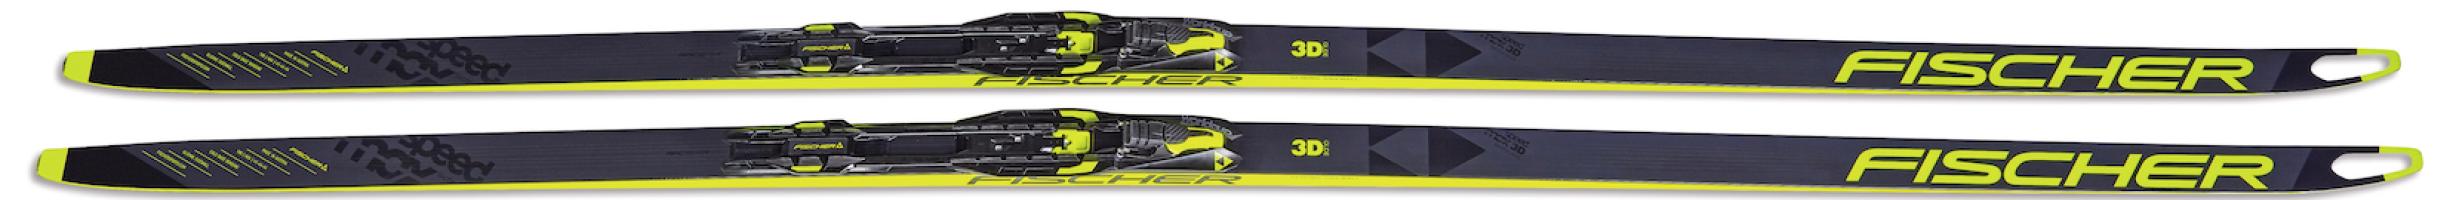 FISCHER SPEEDMAX 3D SKATE - Modell 2019/20